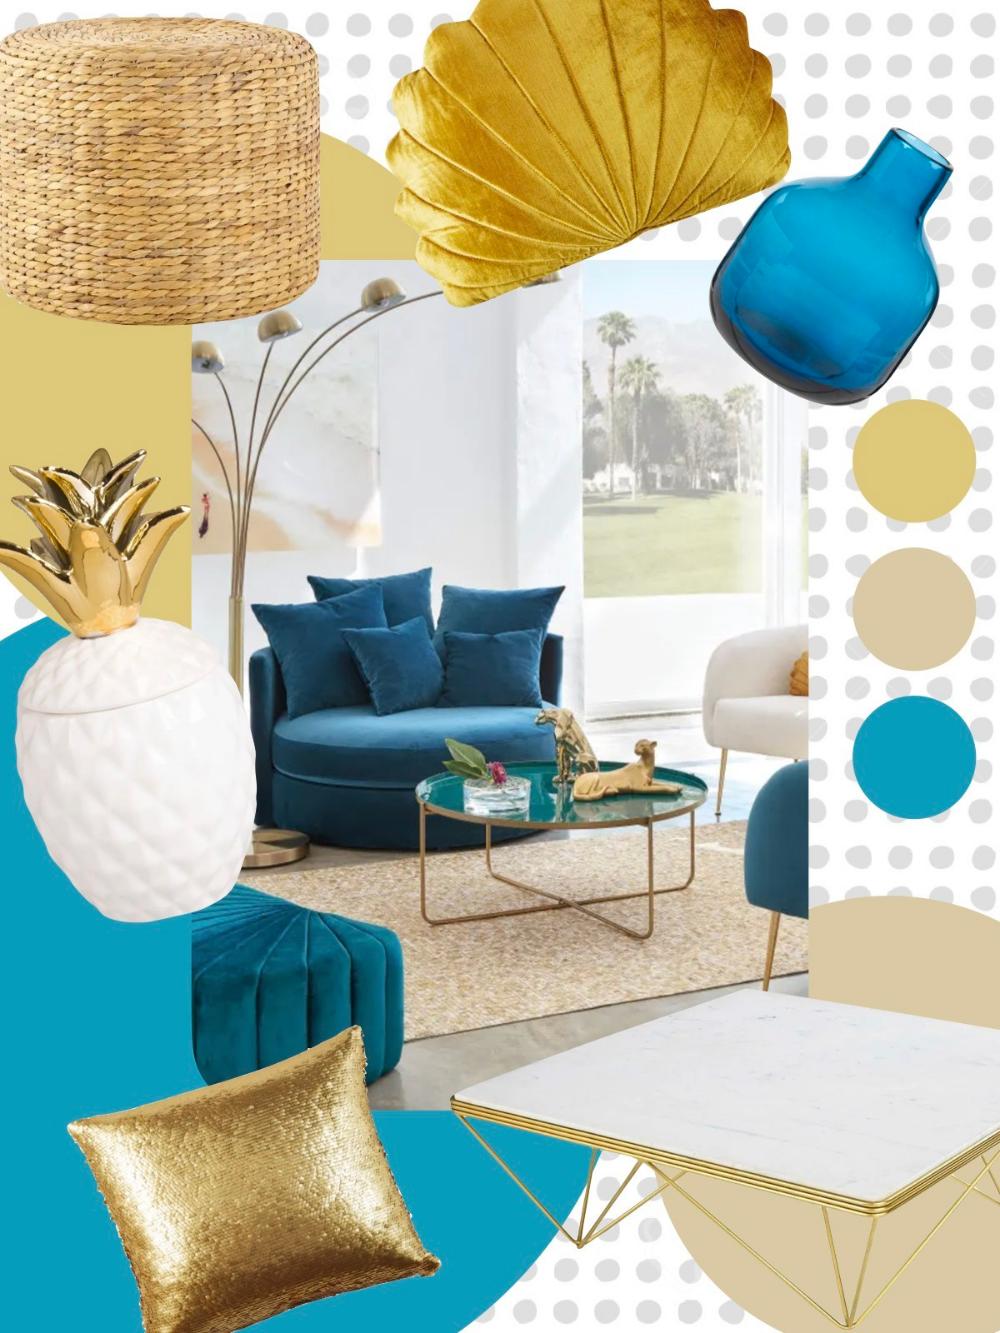 Les Accessoires Pour Un Interieur Colore Et Deco Canape Rond